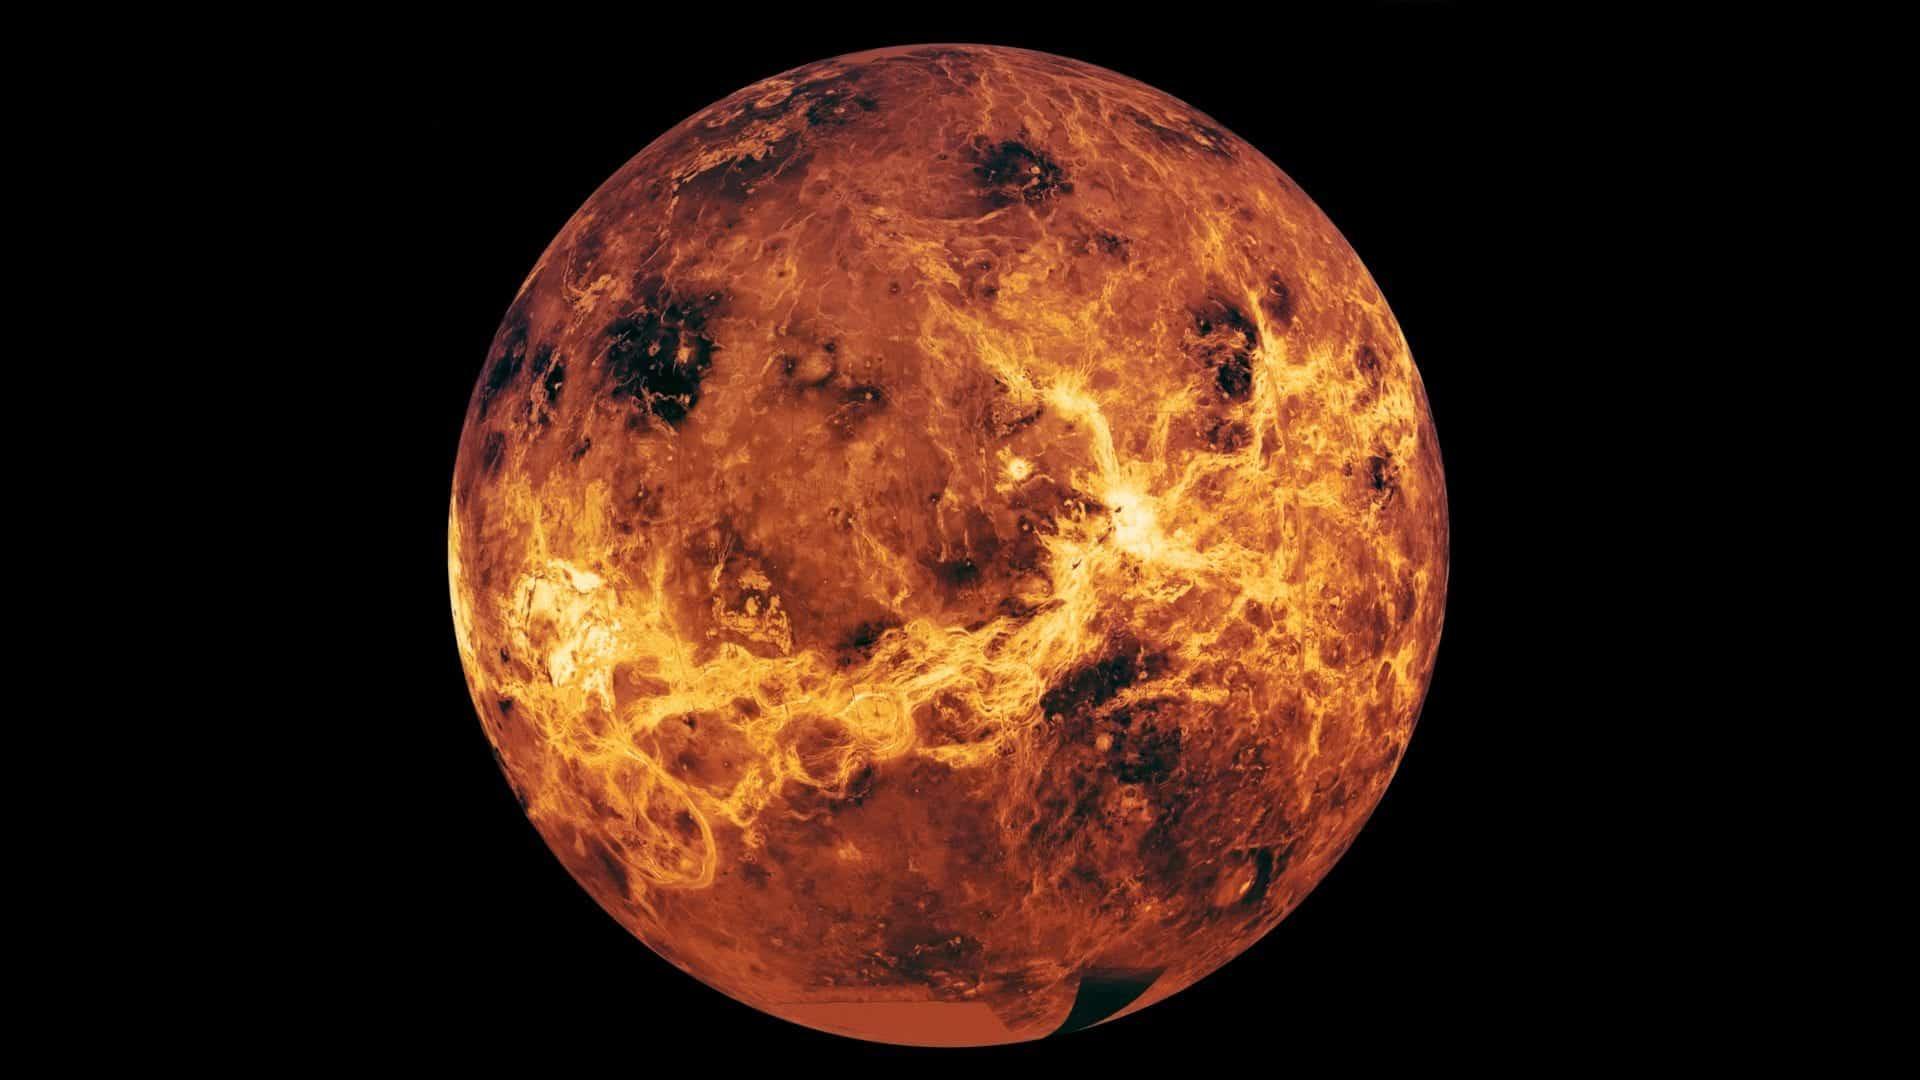 Vênus - Características, origem do nome e curiosidade sobre a Estrela d'Alva